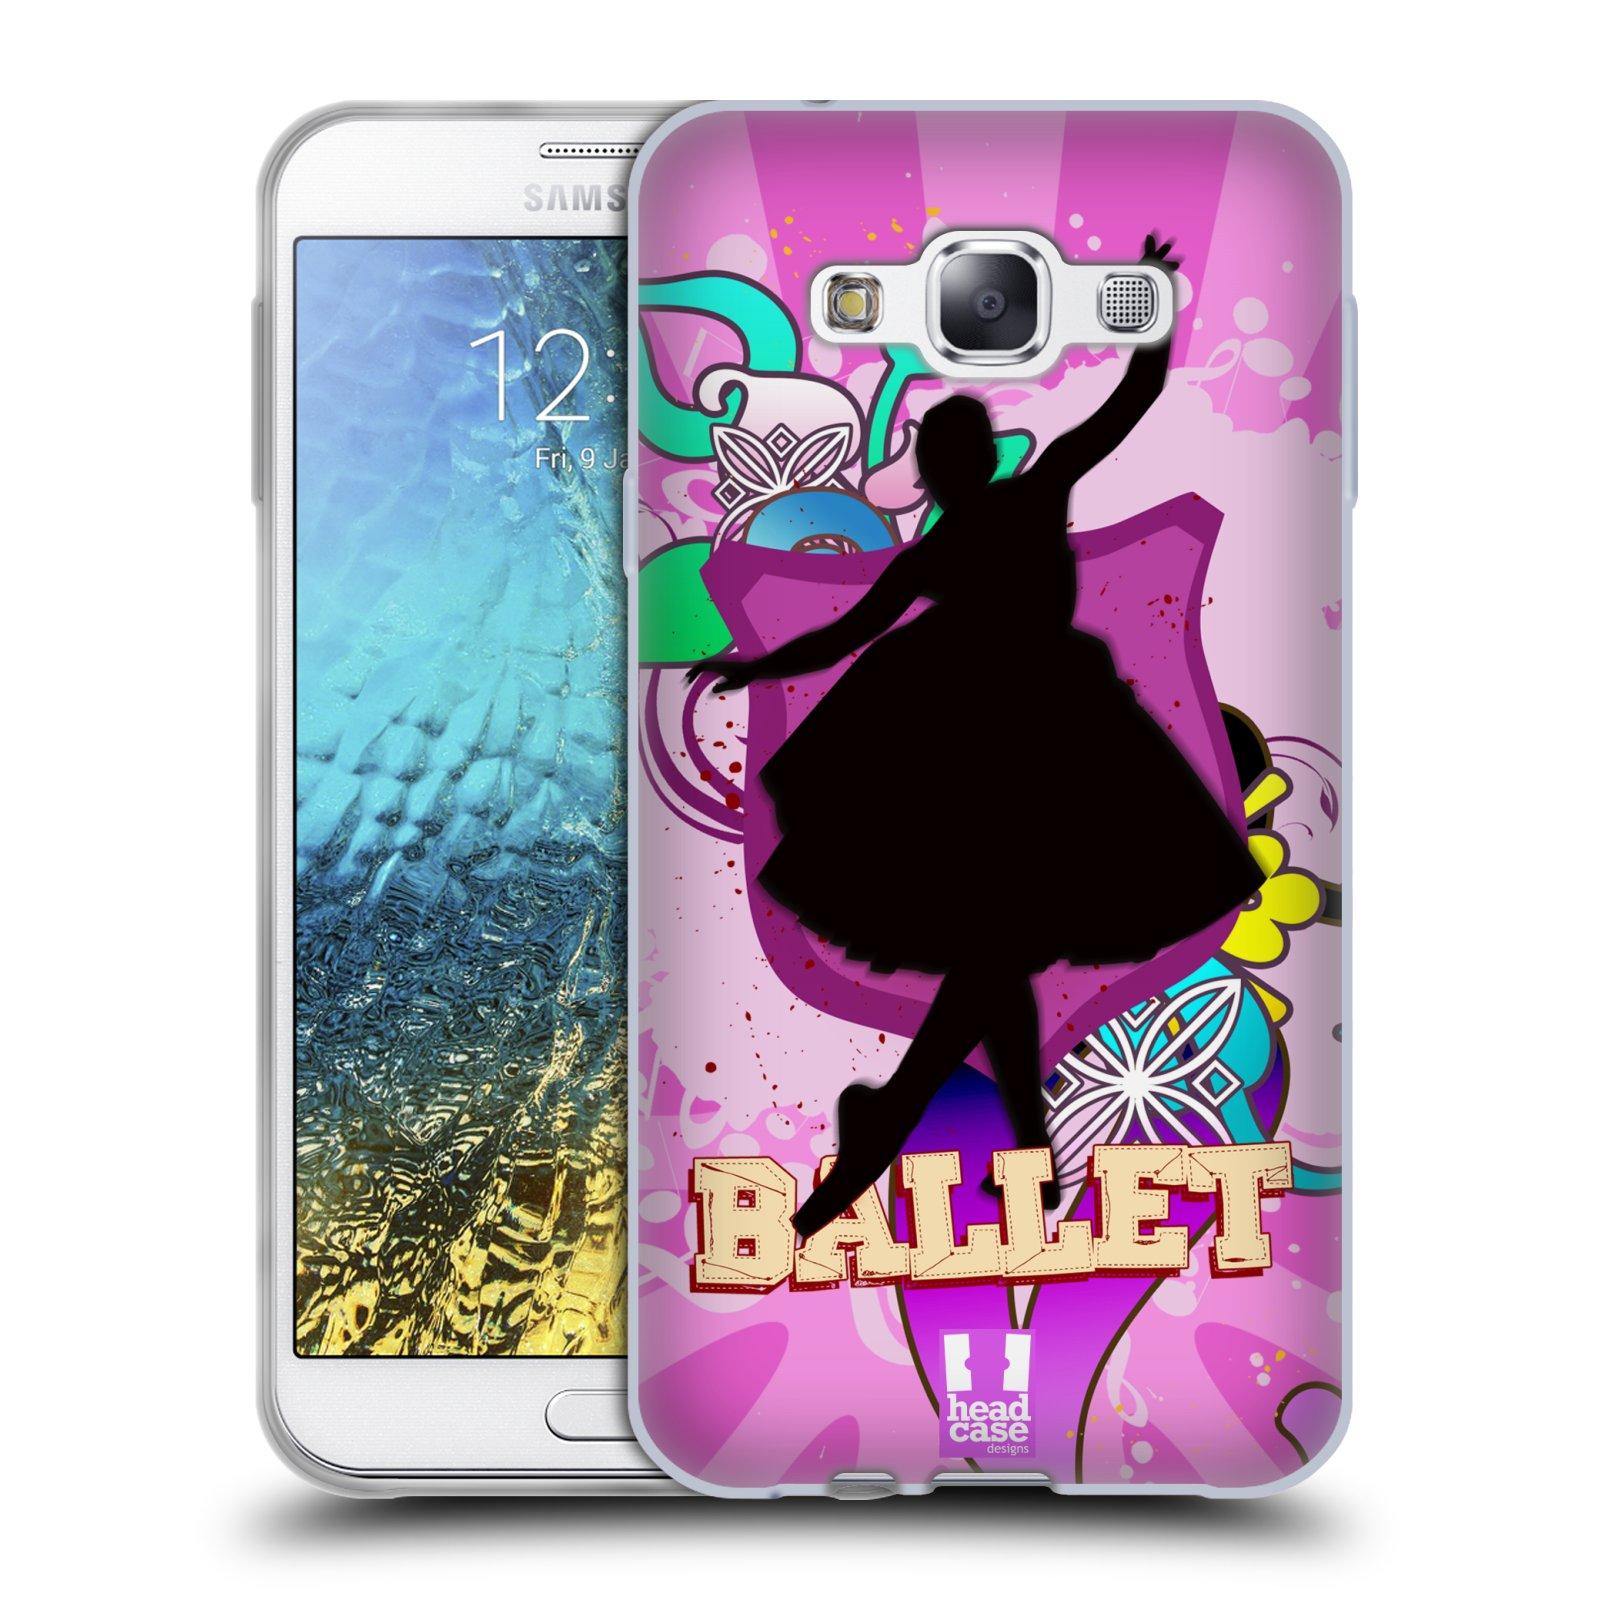 HEAD CASE silikonový obal na mobil Samsung Galaxy E7 vzor TANEC SILUETA BALET FIALOVÁ